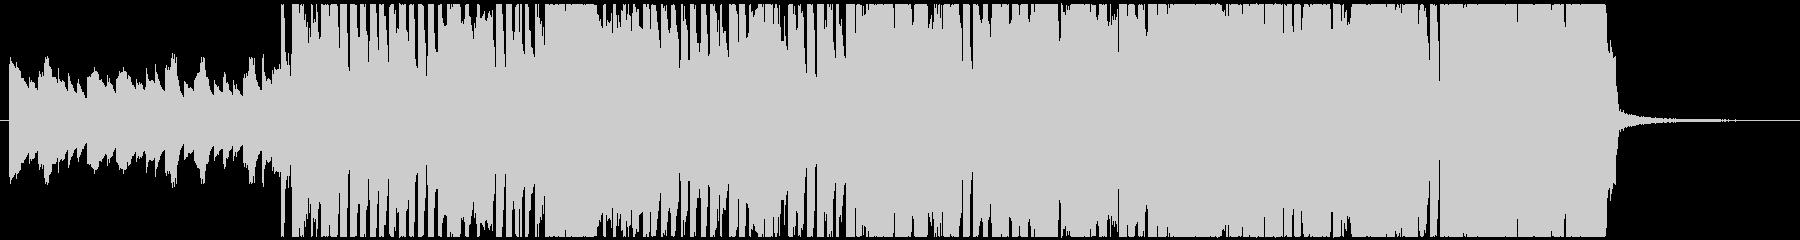 力強いロックサウンドの未再生の波形